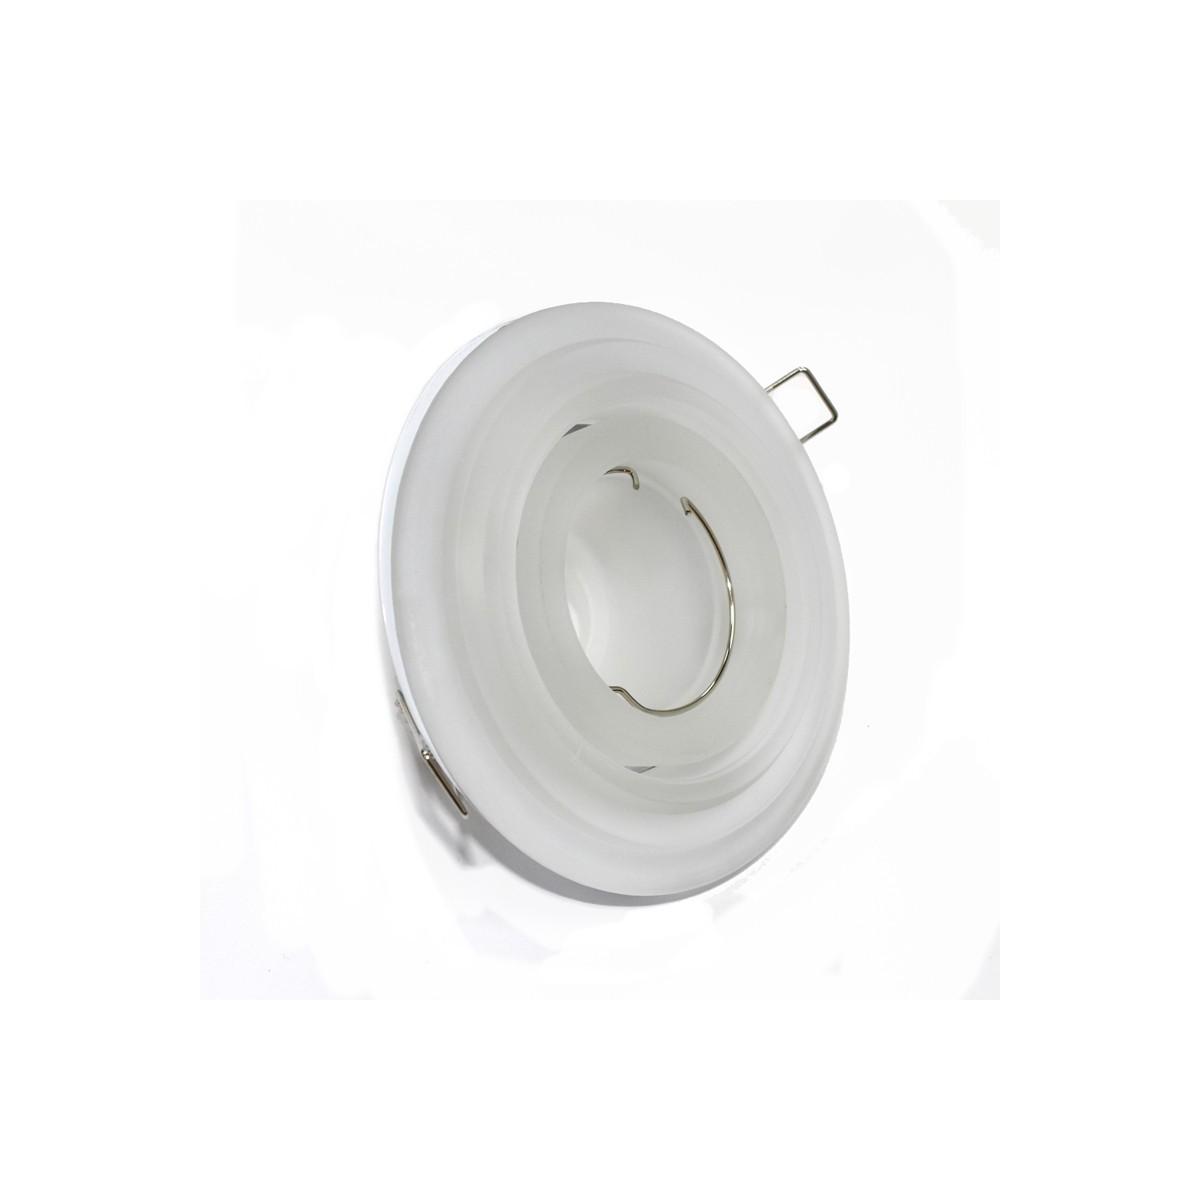 Empotrable basculante cristal blanco